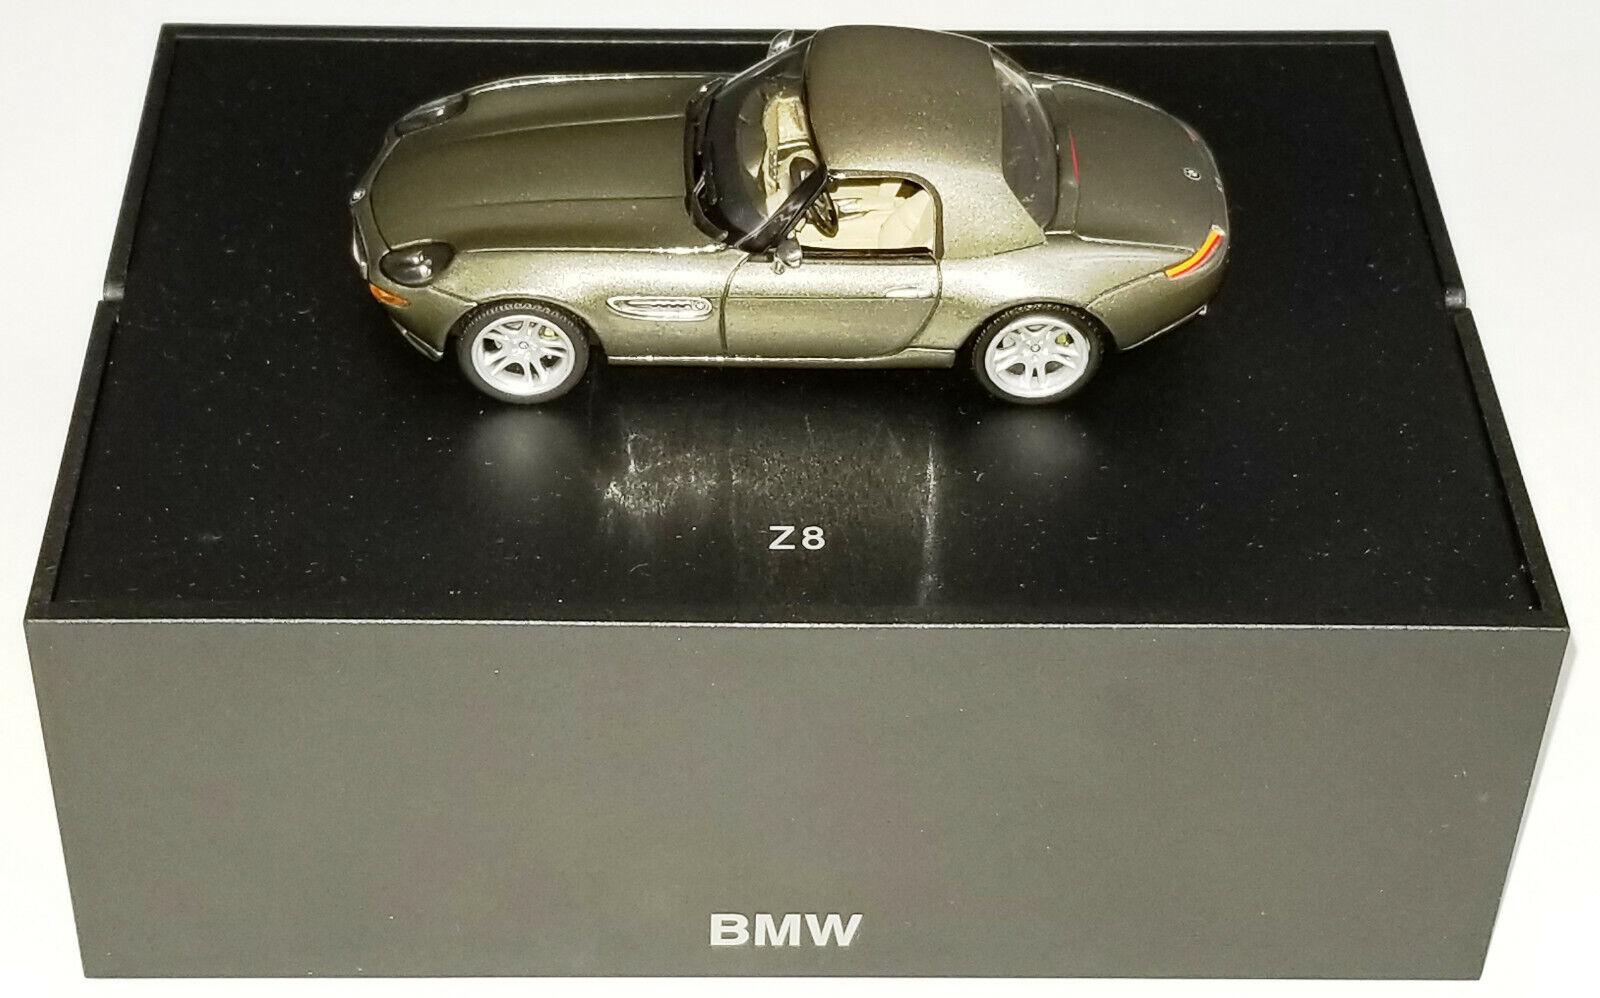 Minichamps 1 43 concesionario BMW Z8 Coupe Luz Marrón Bronceado Interior Flip Top En Caja